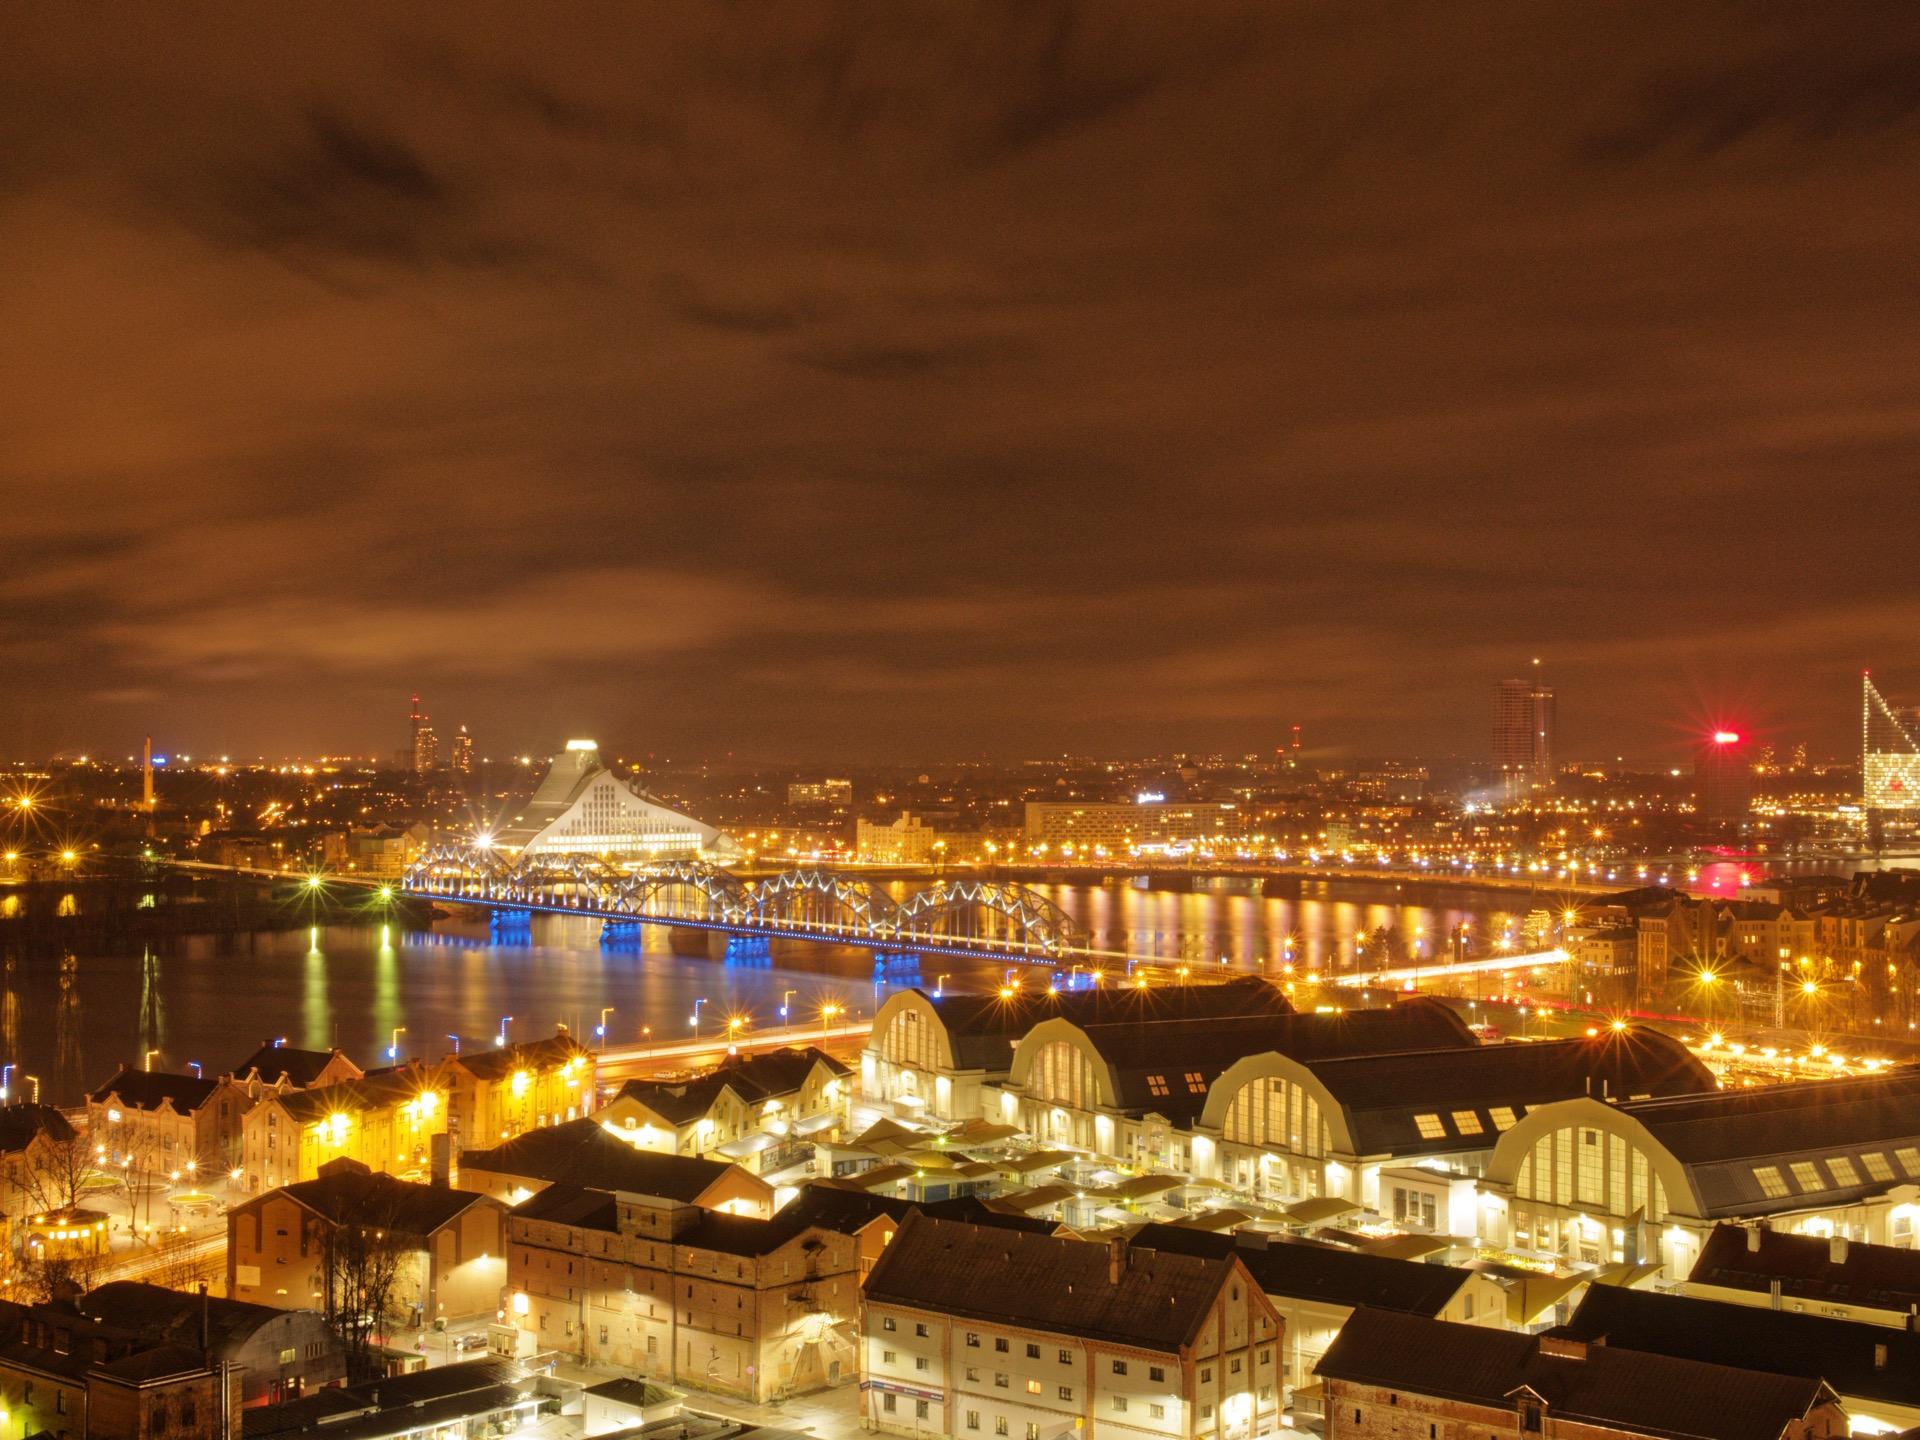 Bild: Riga bei Nacht.